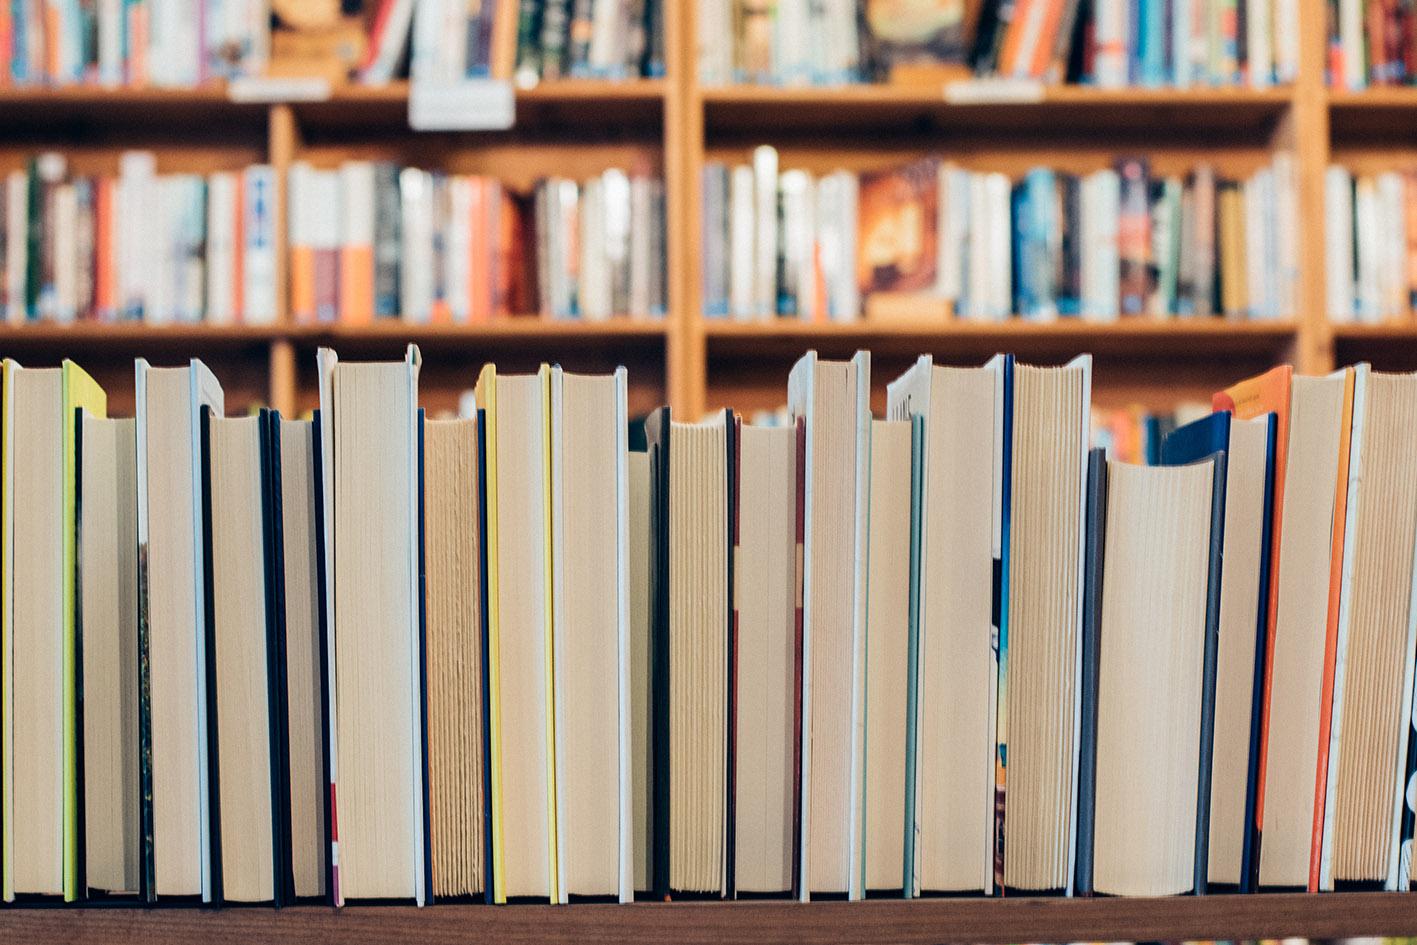 estantería de libros orden